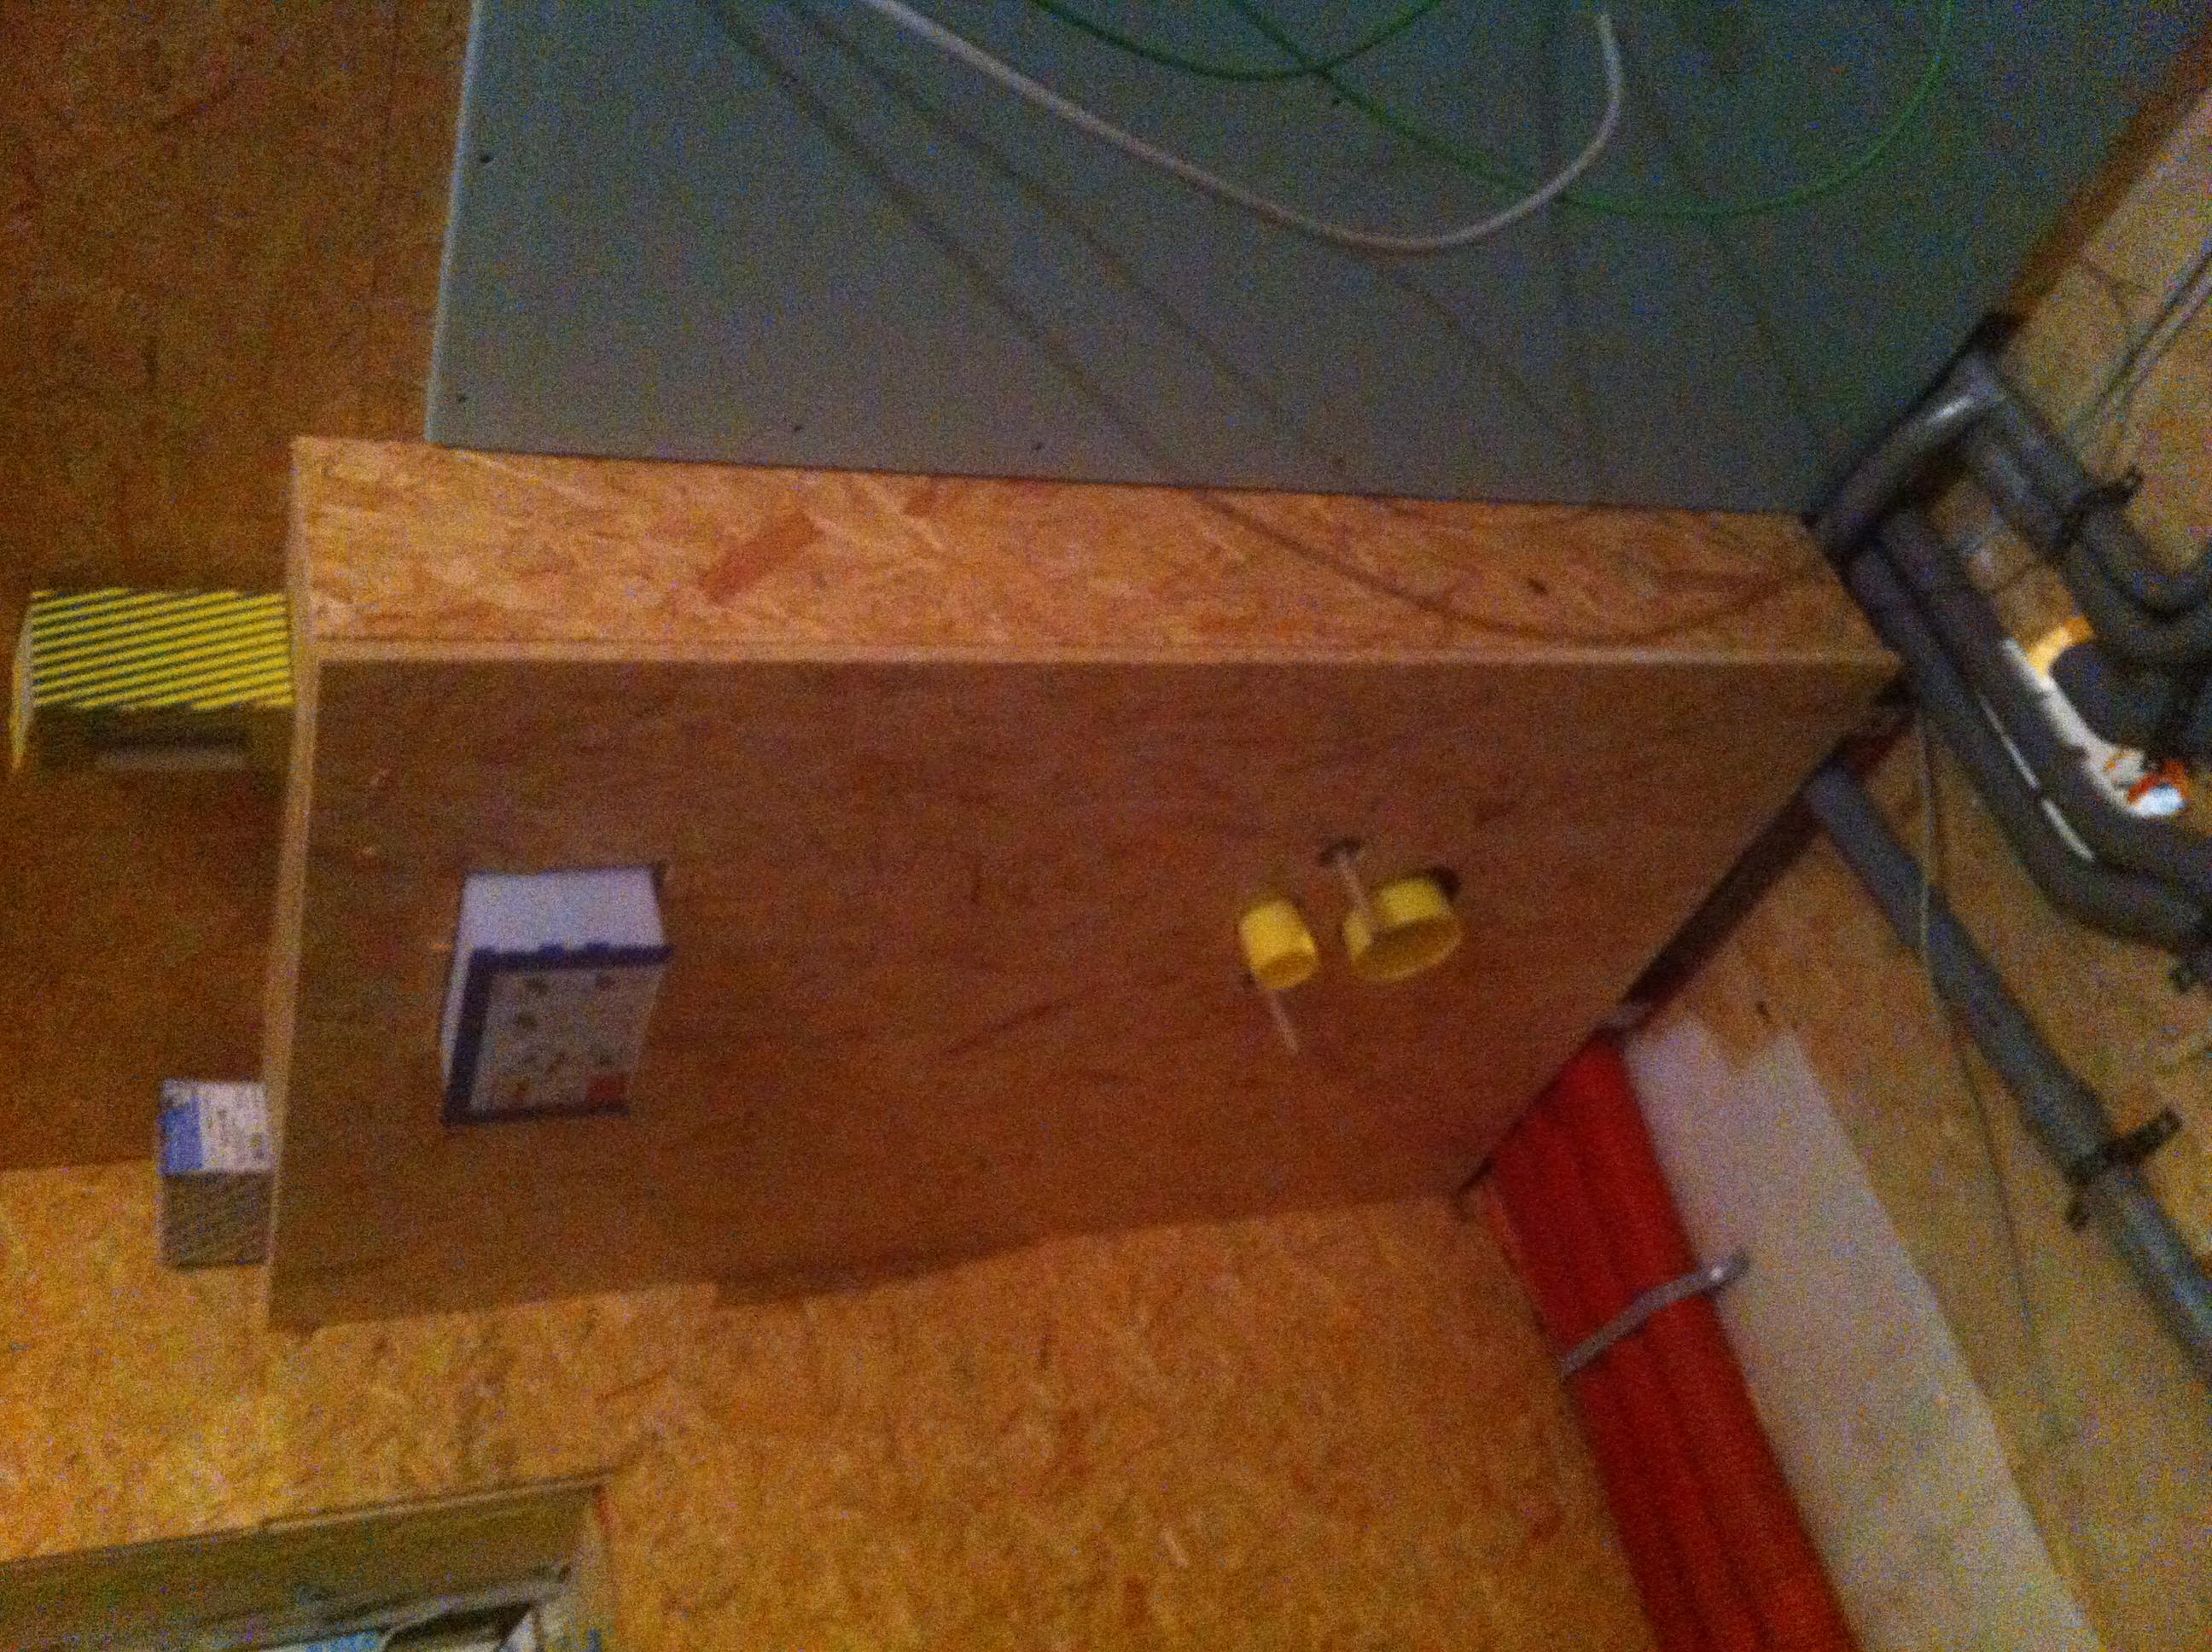 st ck f r st ck felix 39 jannas bautagebuch und blog. Black Bedroom Furniture Sets. Home Design Ideas